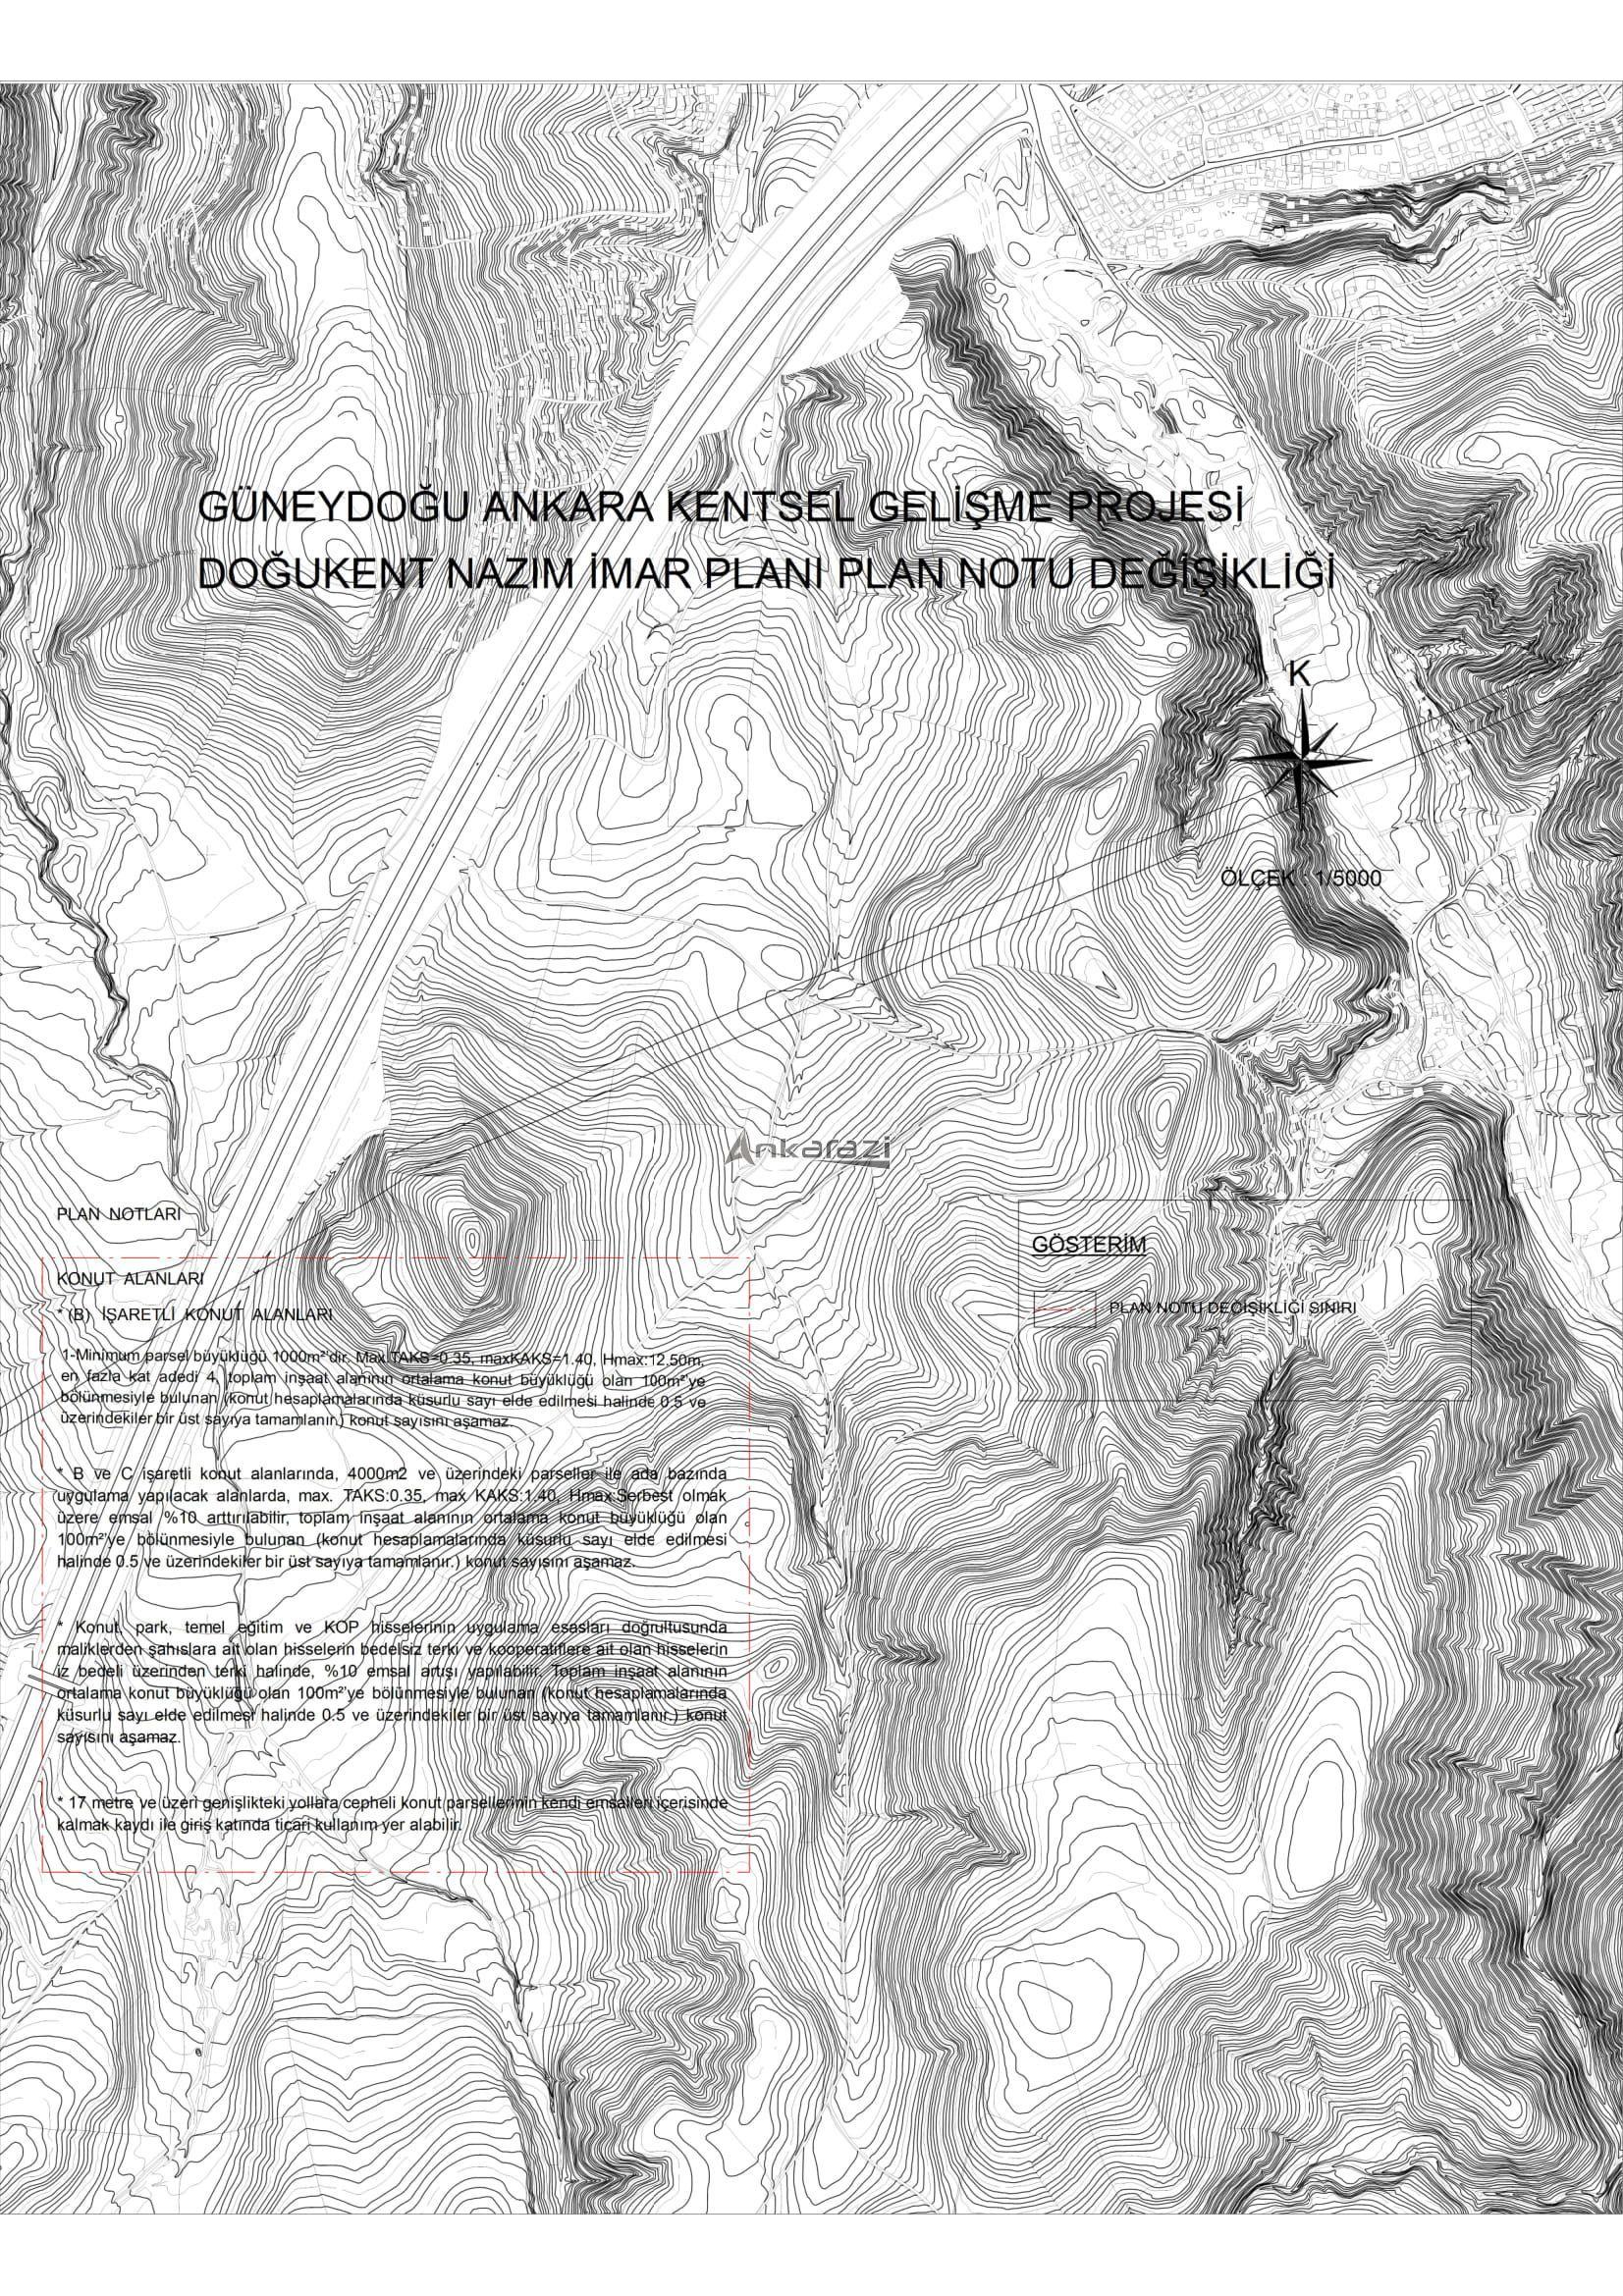 Doğukent Projesi, Plan Notu Değişikliği... 3677